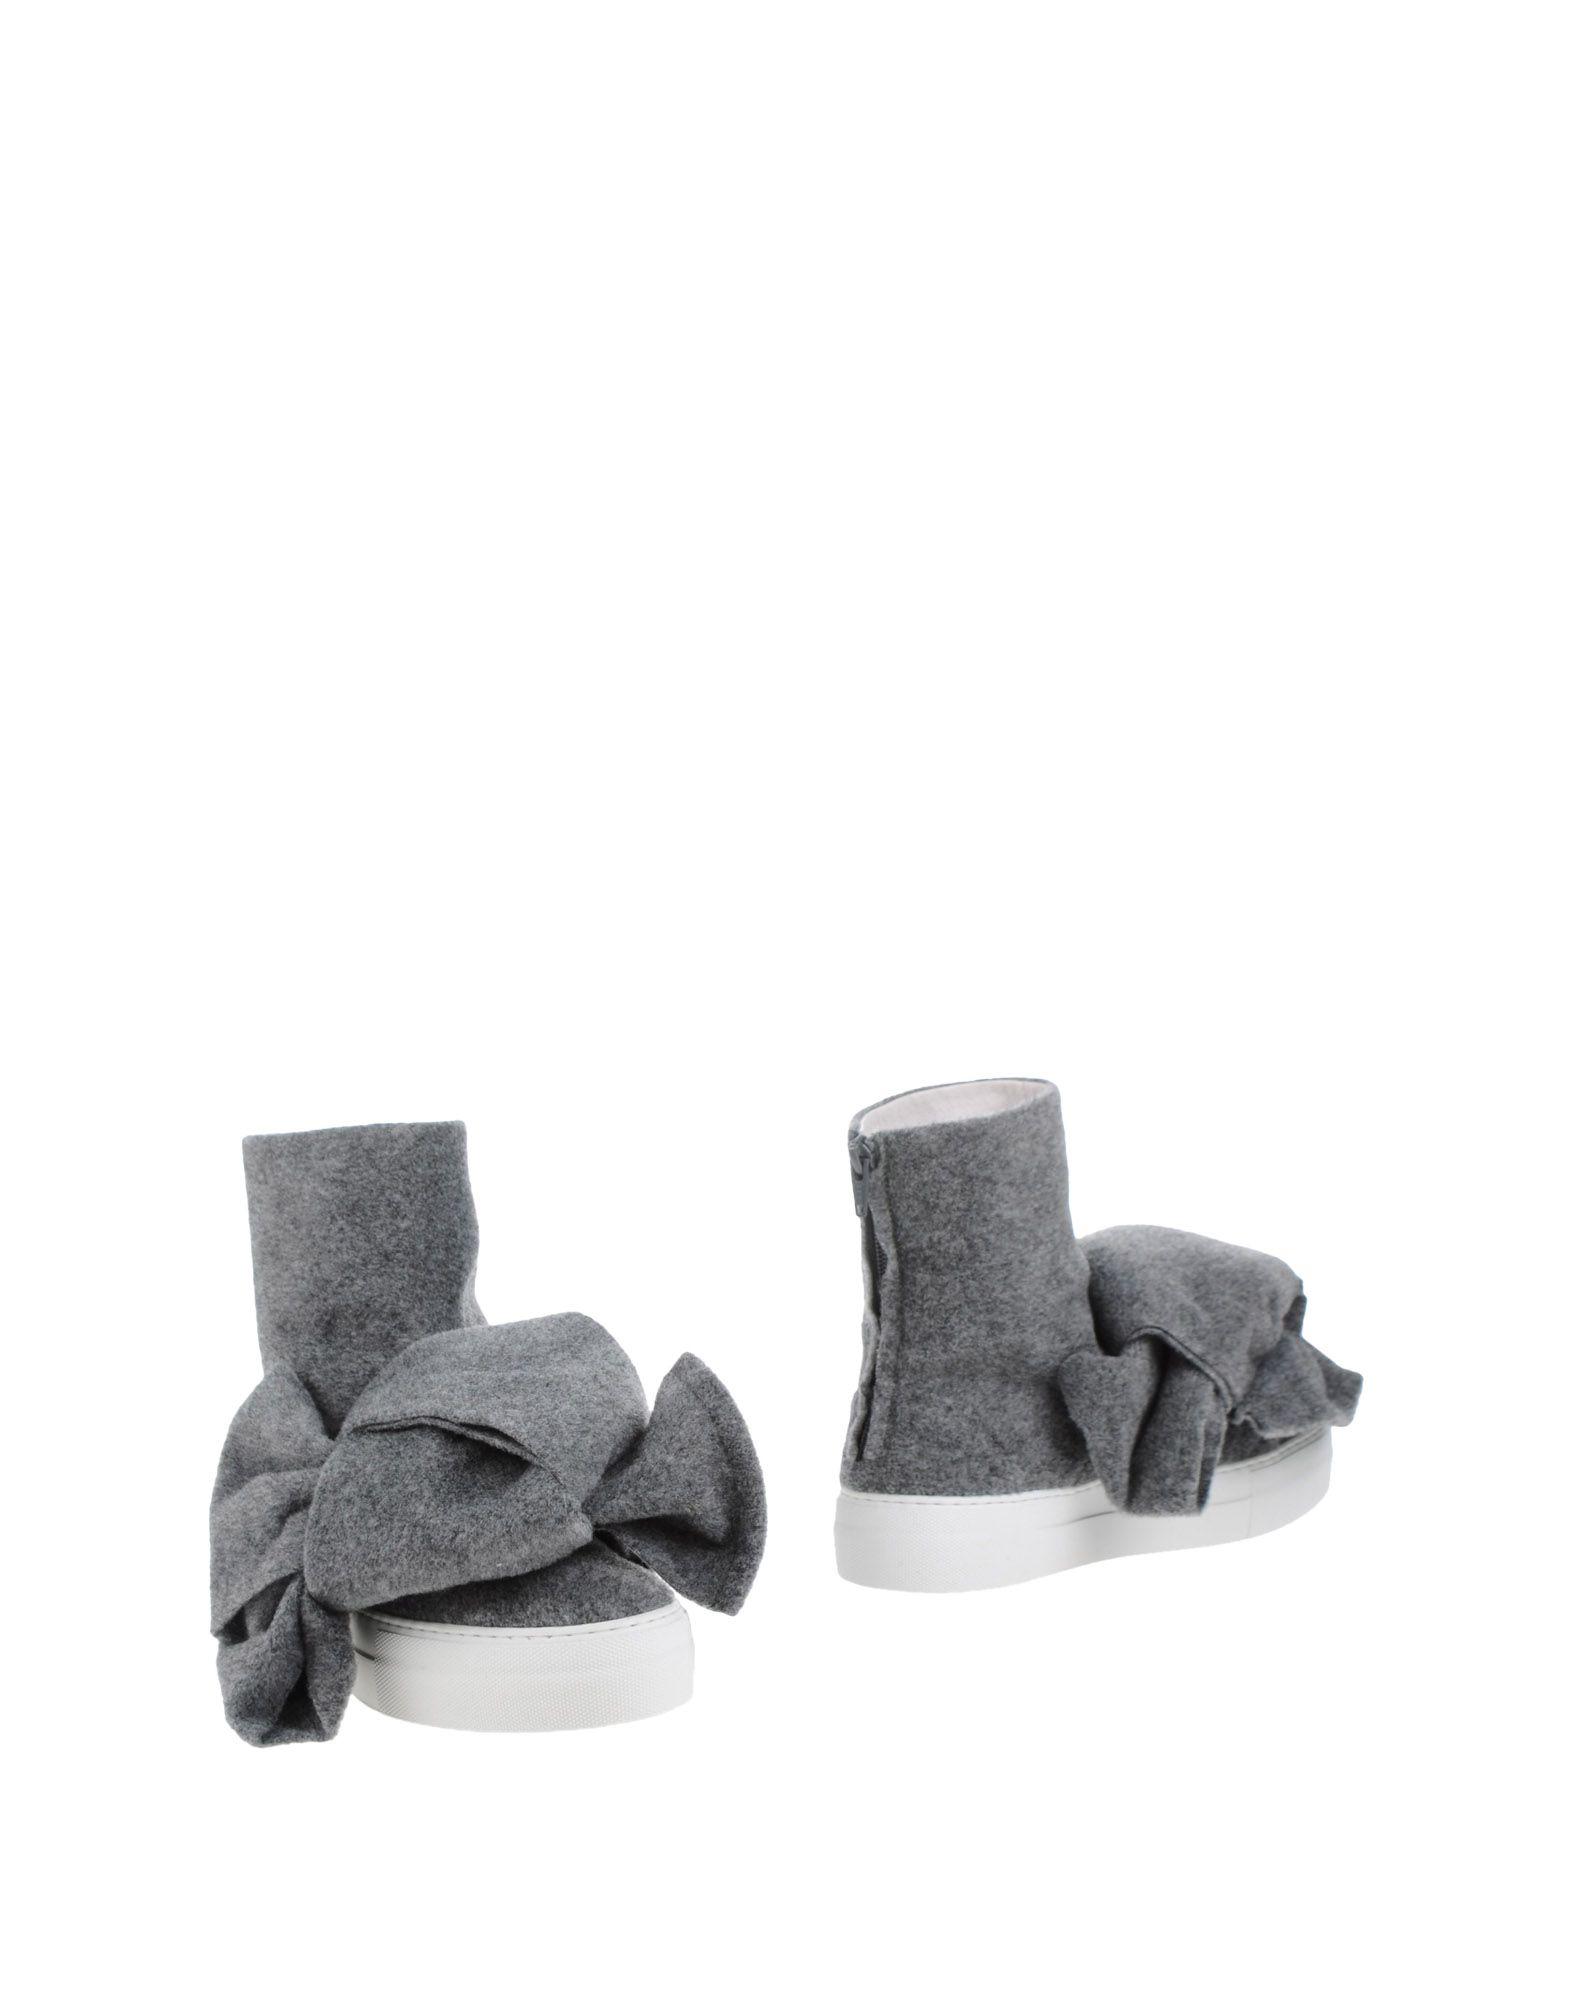 Joshua*S Stiefelette Damen  11205997UAGut aussehende strapazierfähige Schuhe